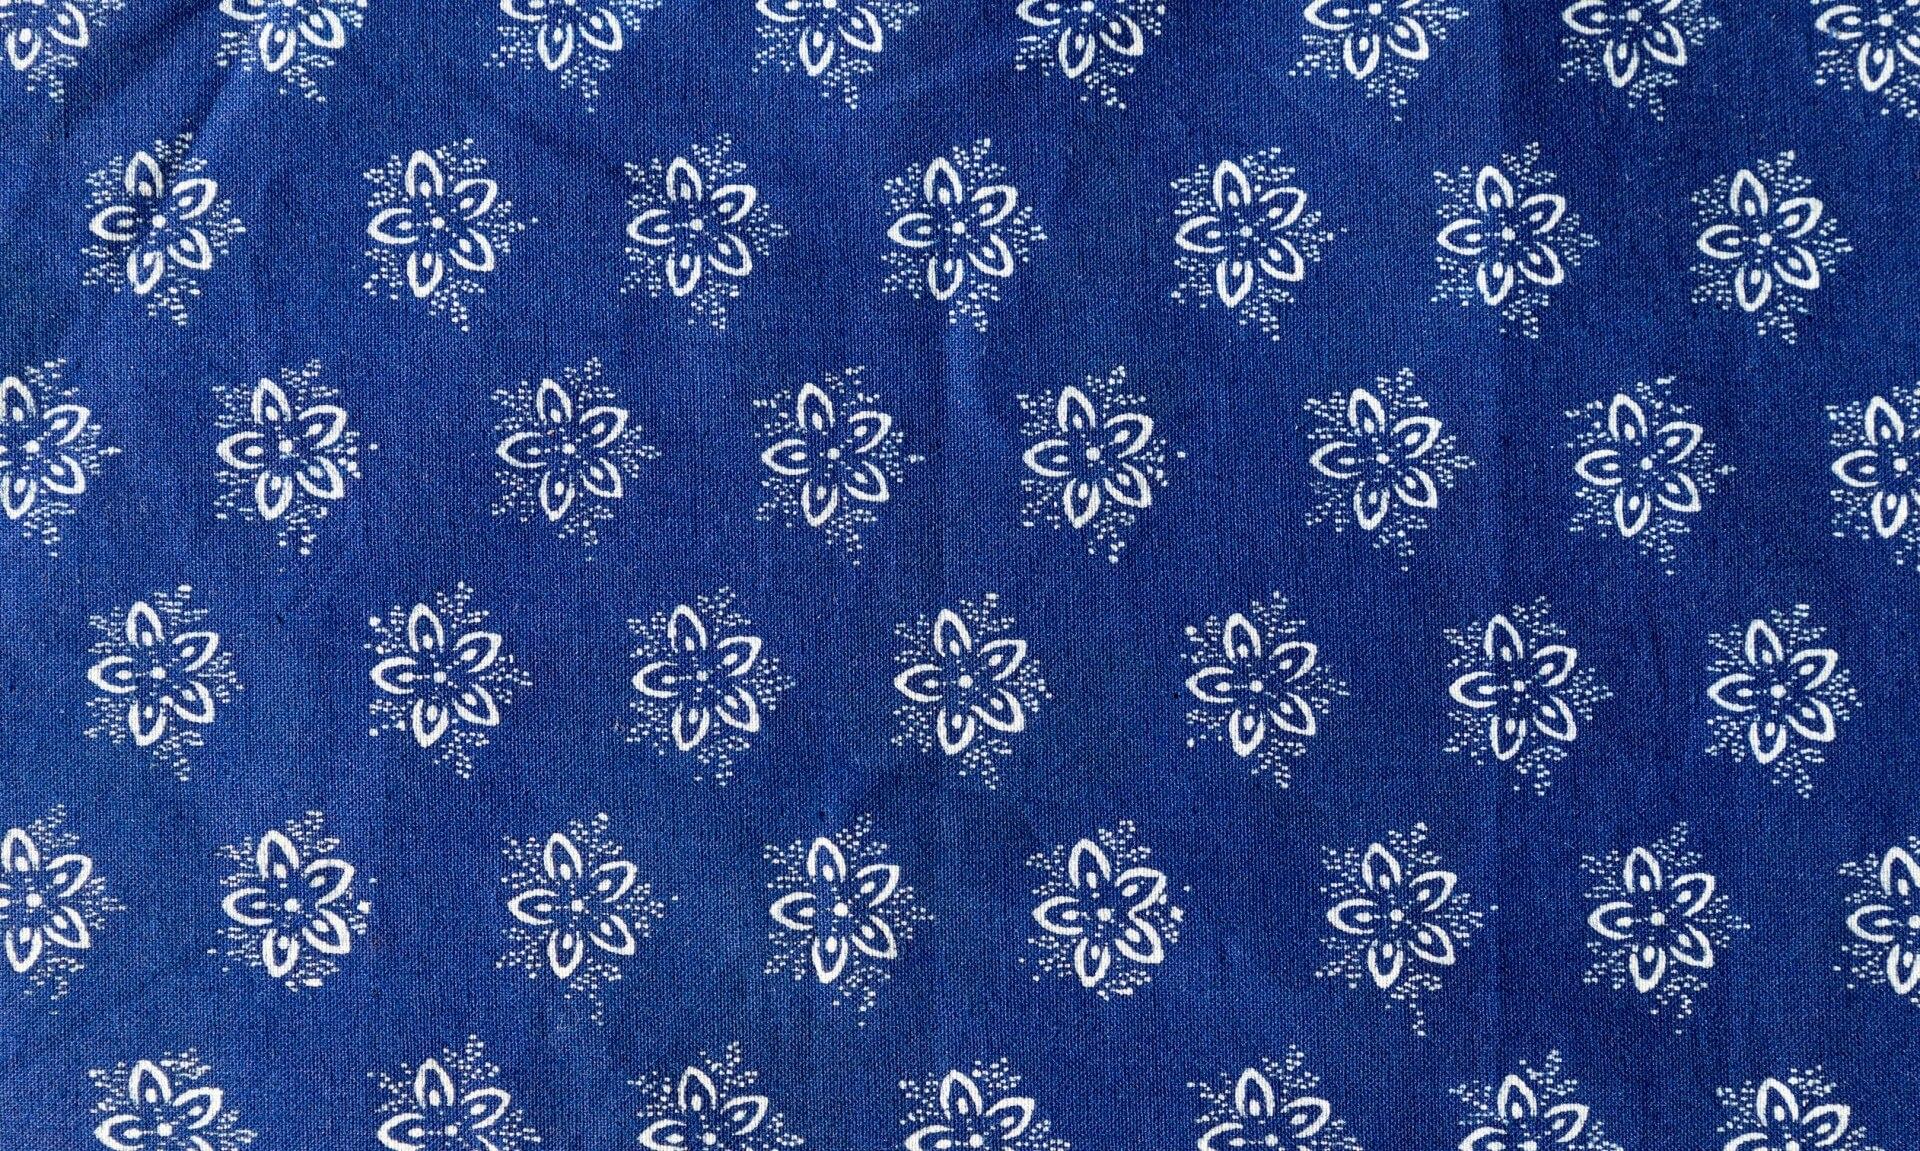 f899d8031acde Originaler Blaudruck aus Tolna – zu Besuch in der historischen Werkstatt